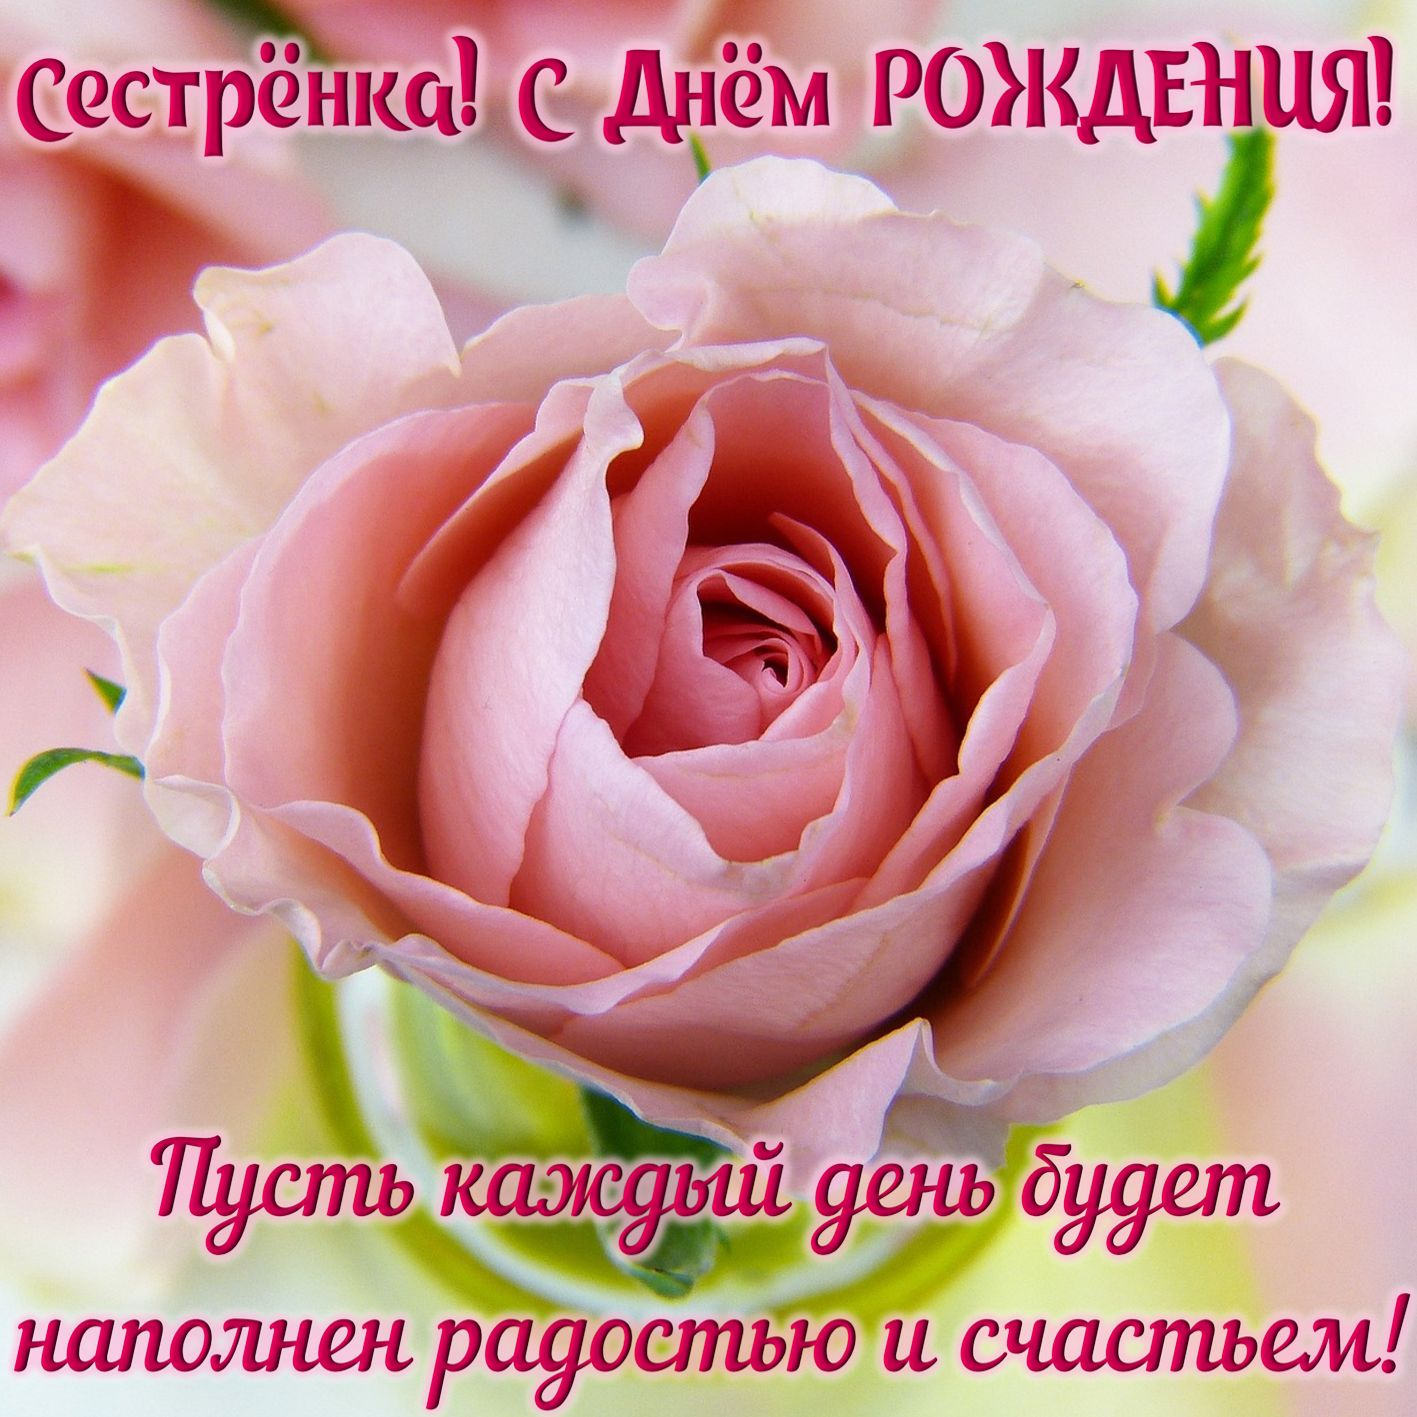 Картинка с огромной нежной розой для сестры